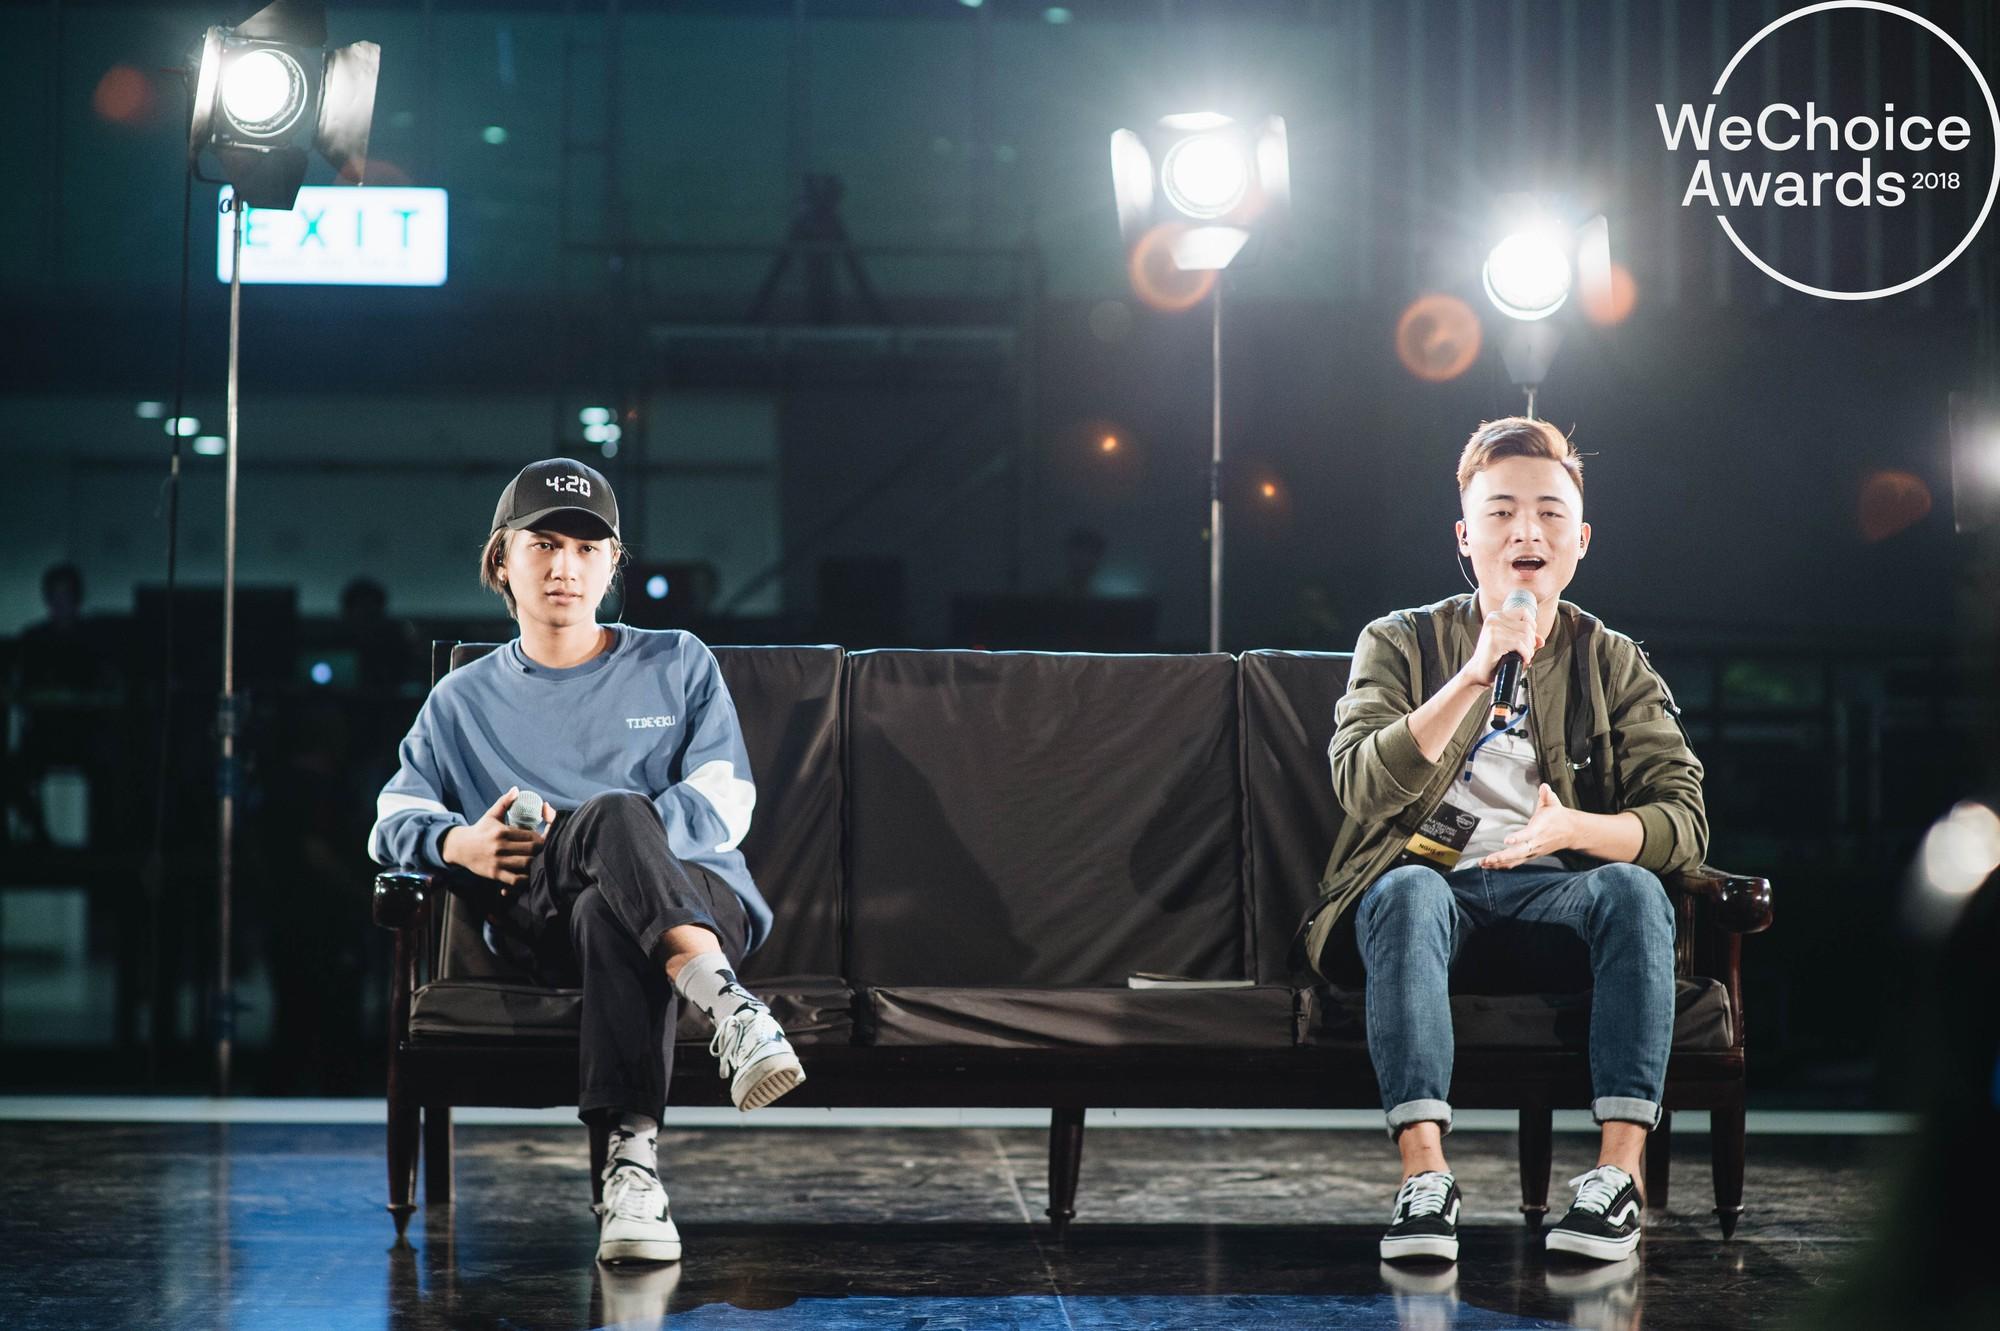 Trước giờ G, ngắm loạt khoảnh khắc đầy cảm xúc của dàn nghệ sĩ tại buổi tổng duyệt Gala Wechoice Awards 2018 - Ảnh 10.